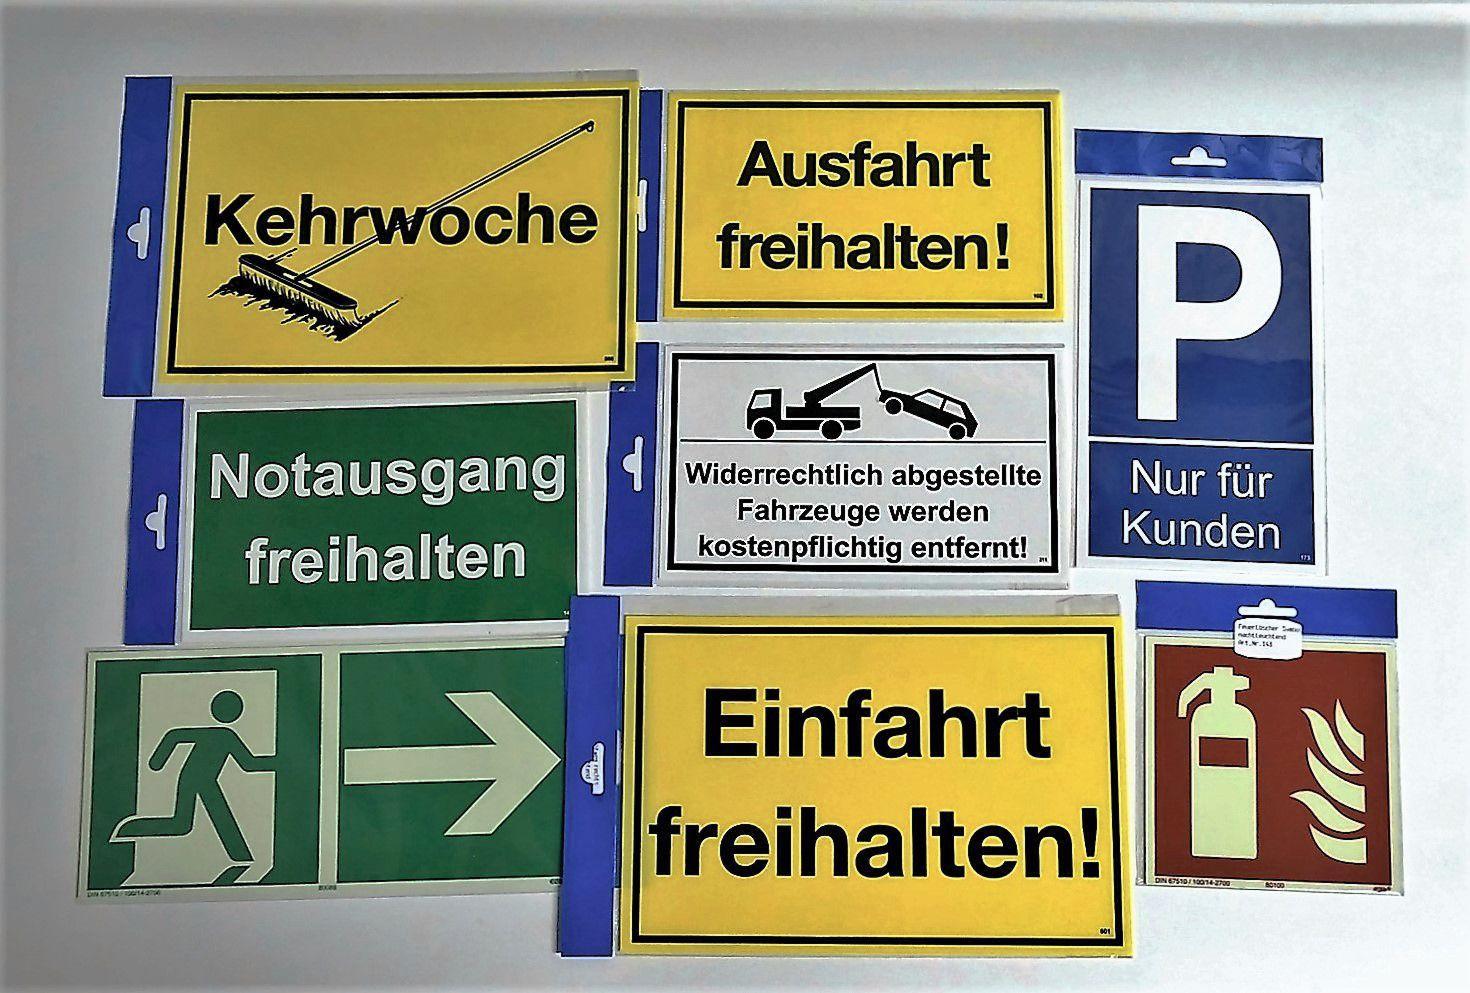 Feuerwehrausfahrt Tag und Nacht freihalten! 200 x 300 mm Warn- Hinweis- und Verbotsschild PST-Kunststoff – Bild 2